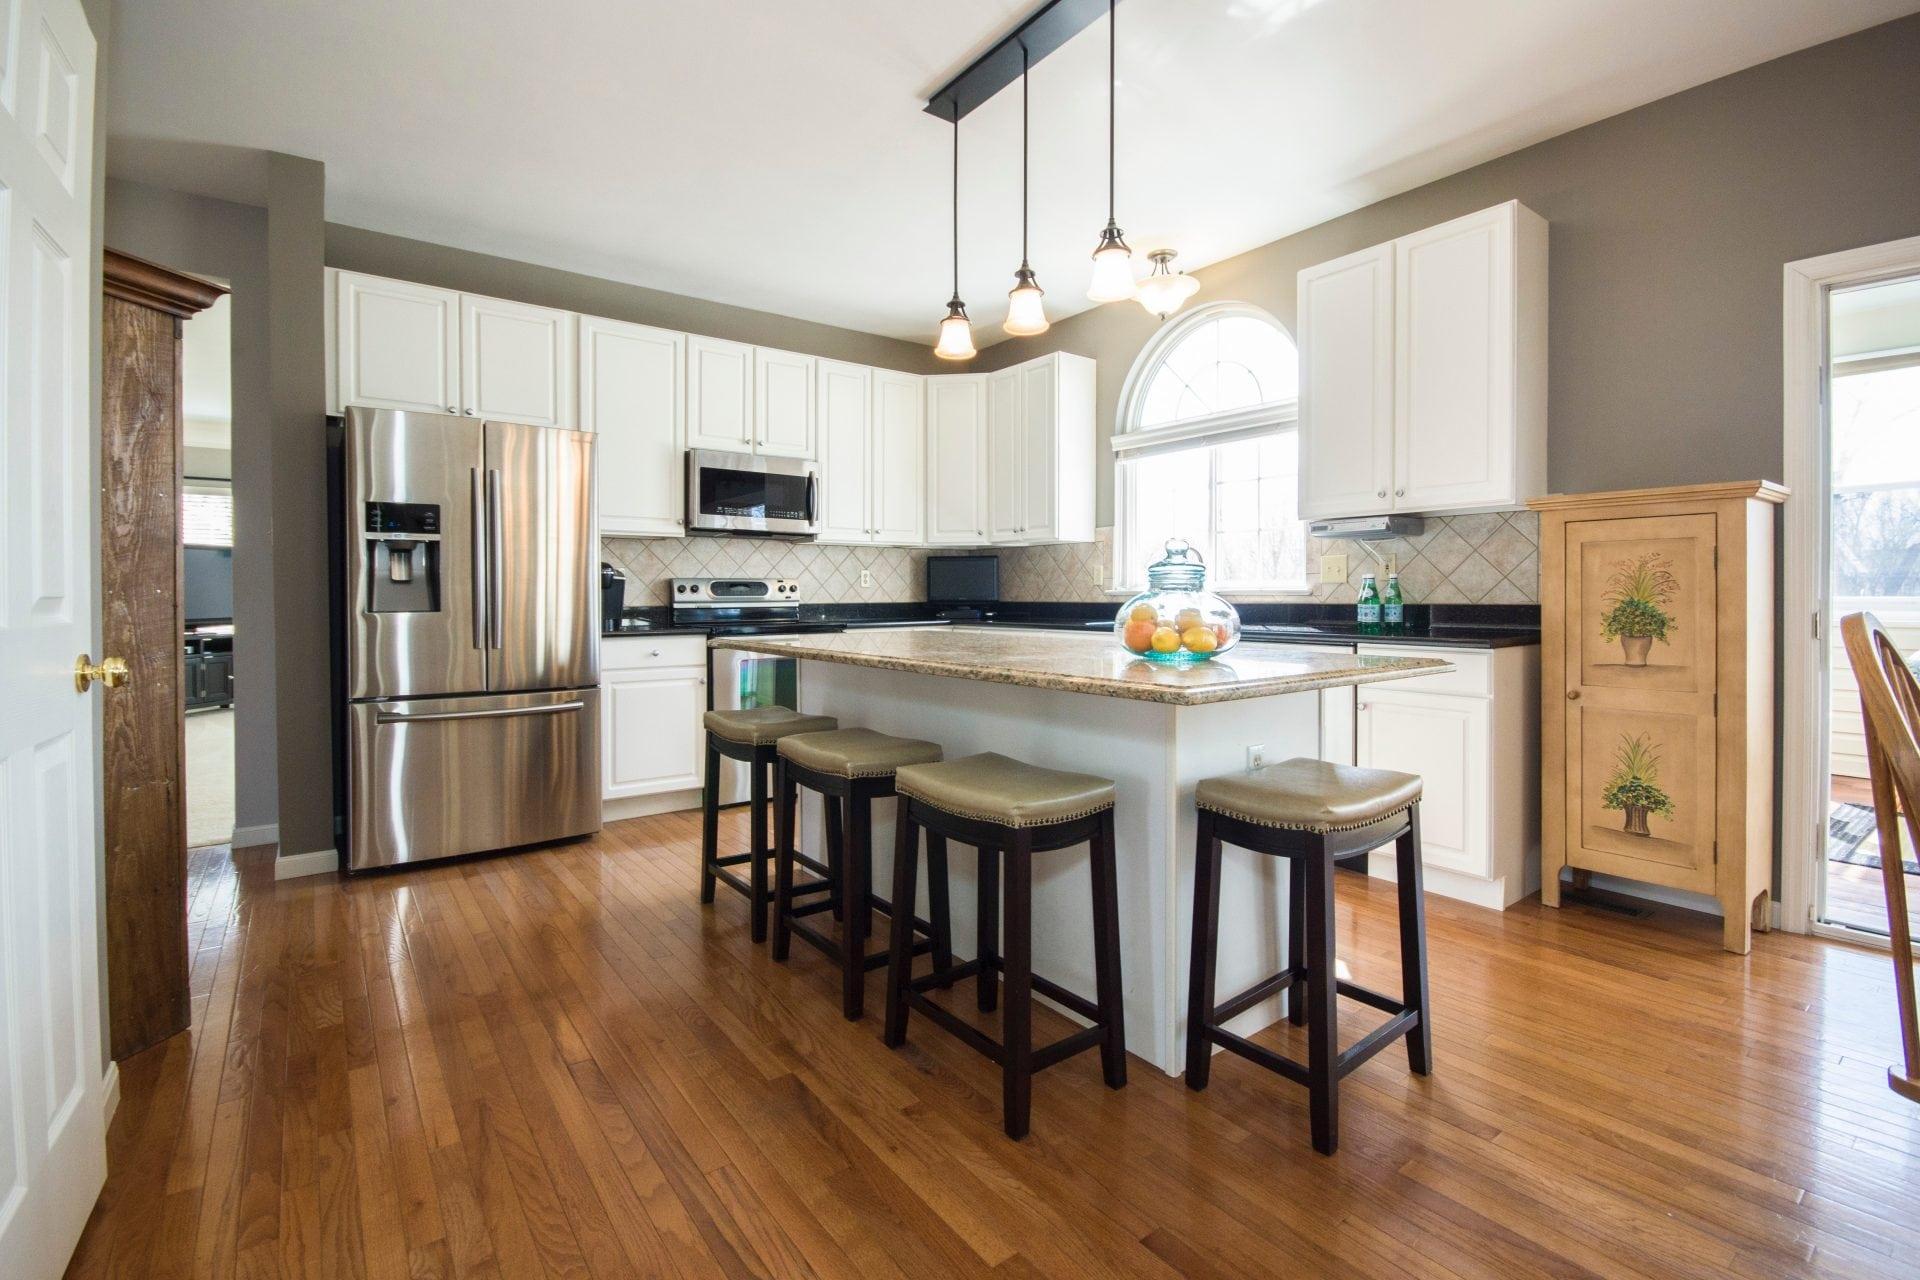 drevena-podlaha-kuchyna-ostrovcek-v-strede-miestnosti-barove-kuchynske-stolicky-lampa-kuchynska-linka-chladnicka-okno